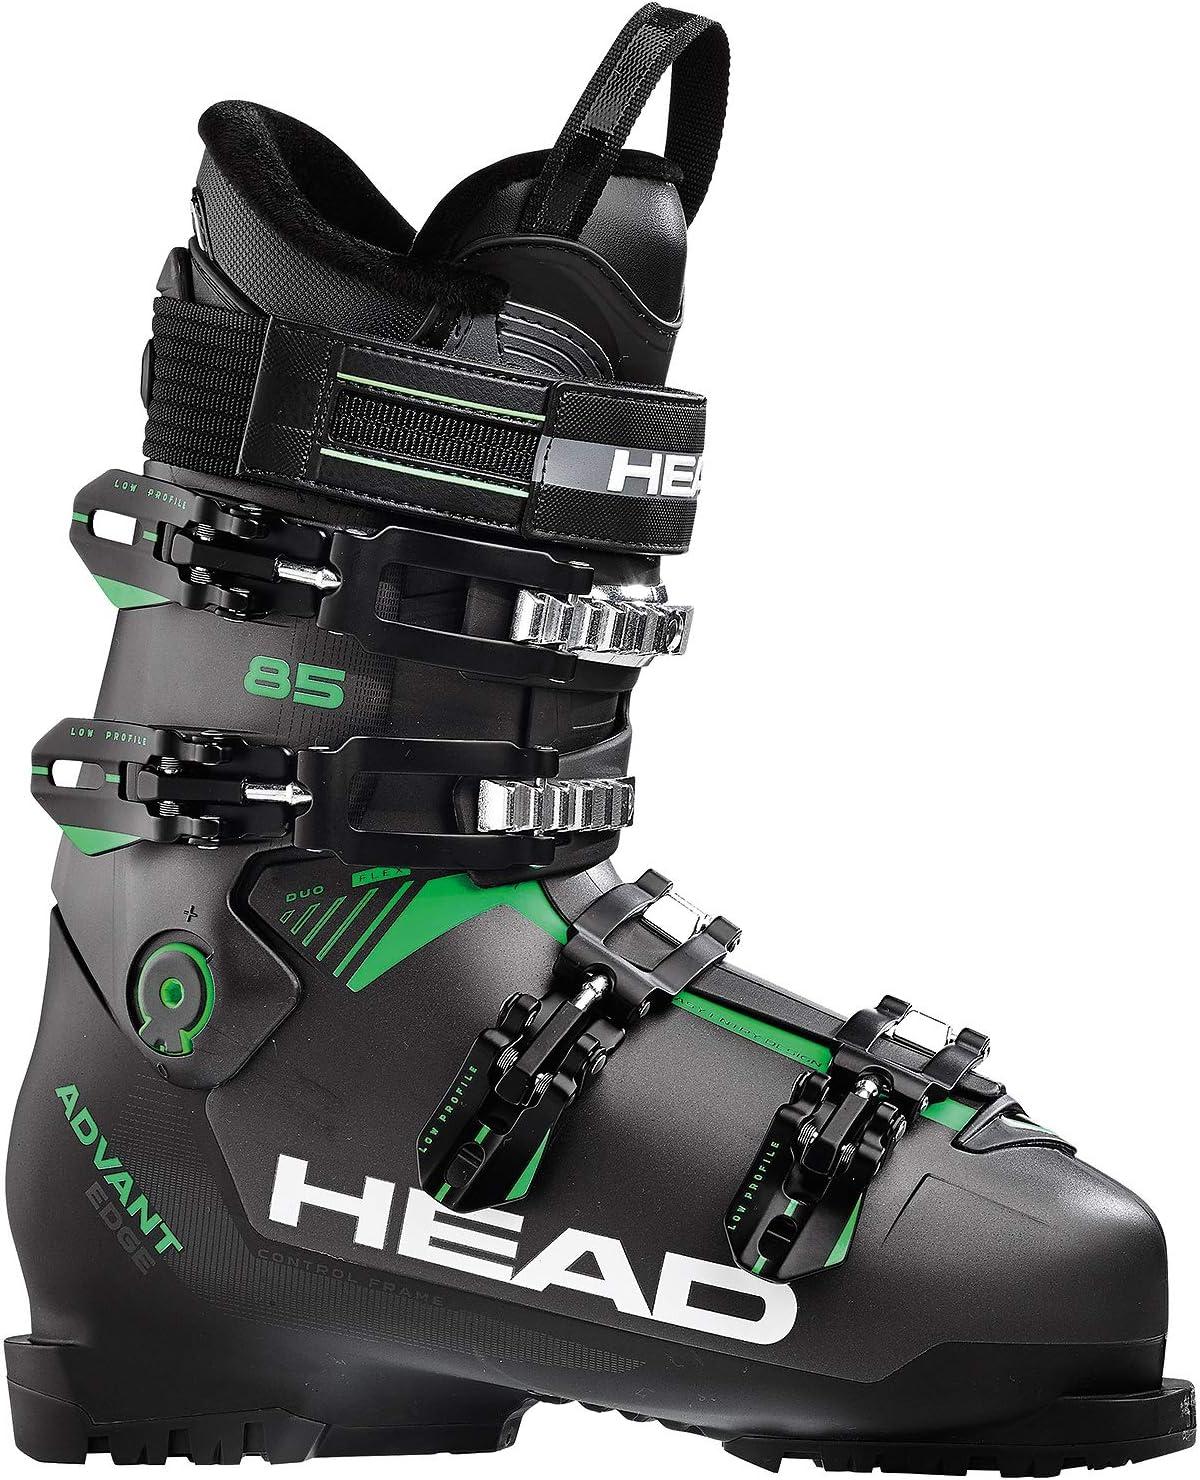 HEAD Advant Edge 85 スキーブーツ メンズ 11825 マルチ